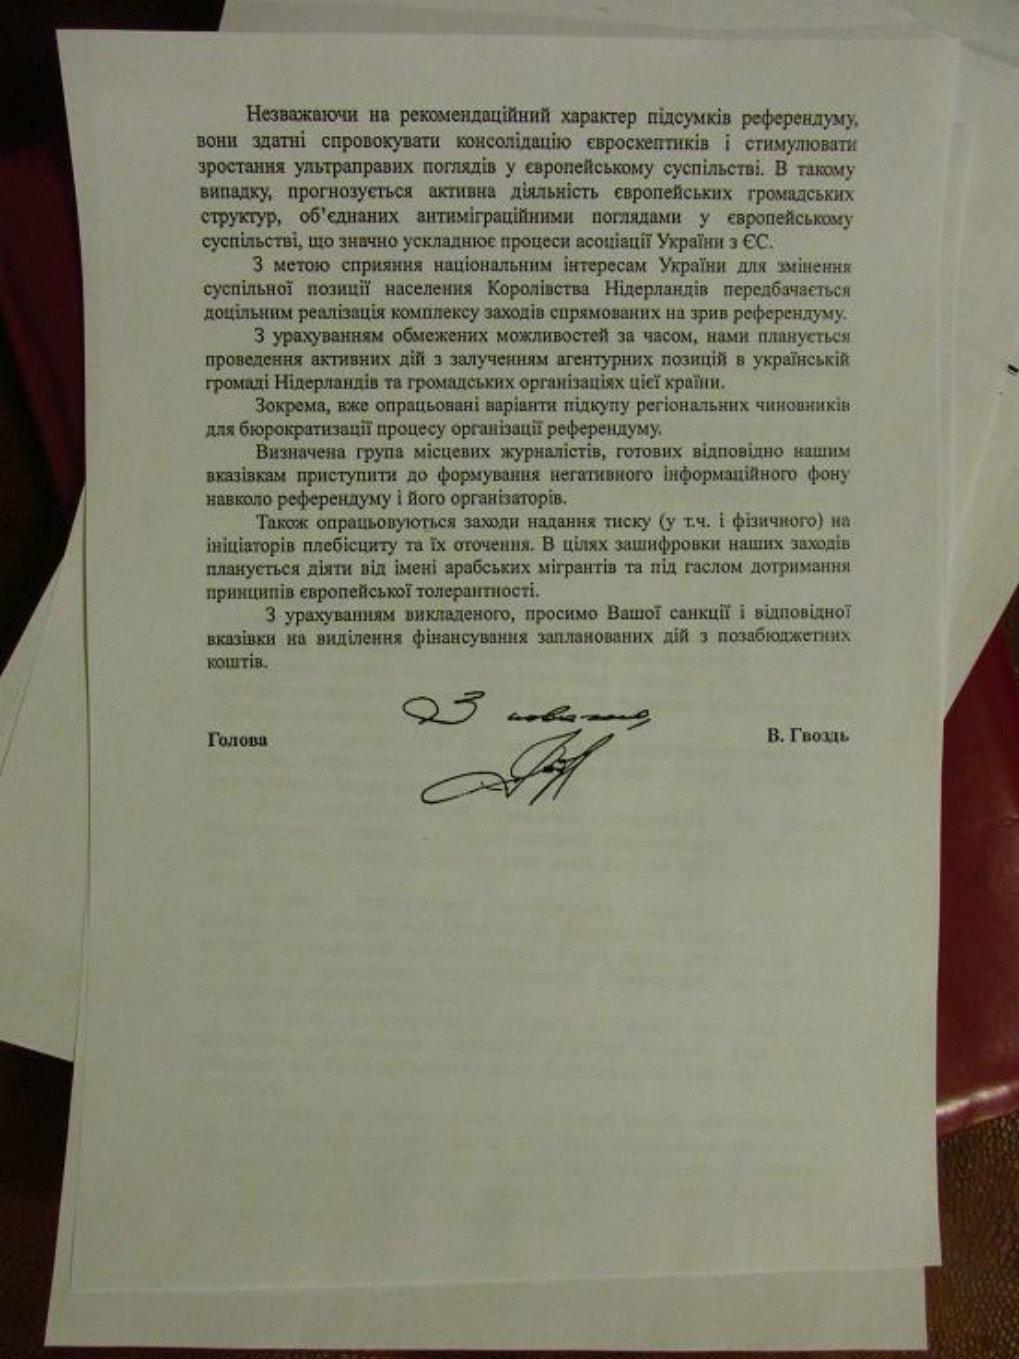 The Foreign Intelligence Service of Ukraine's letter to President Petro Poroshenko